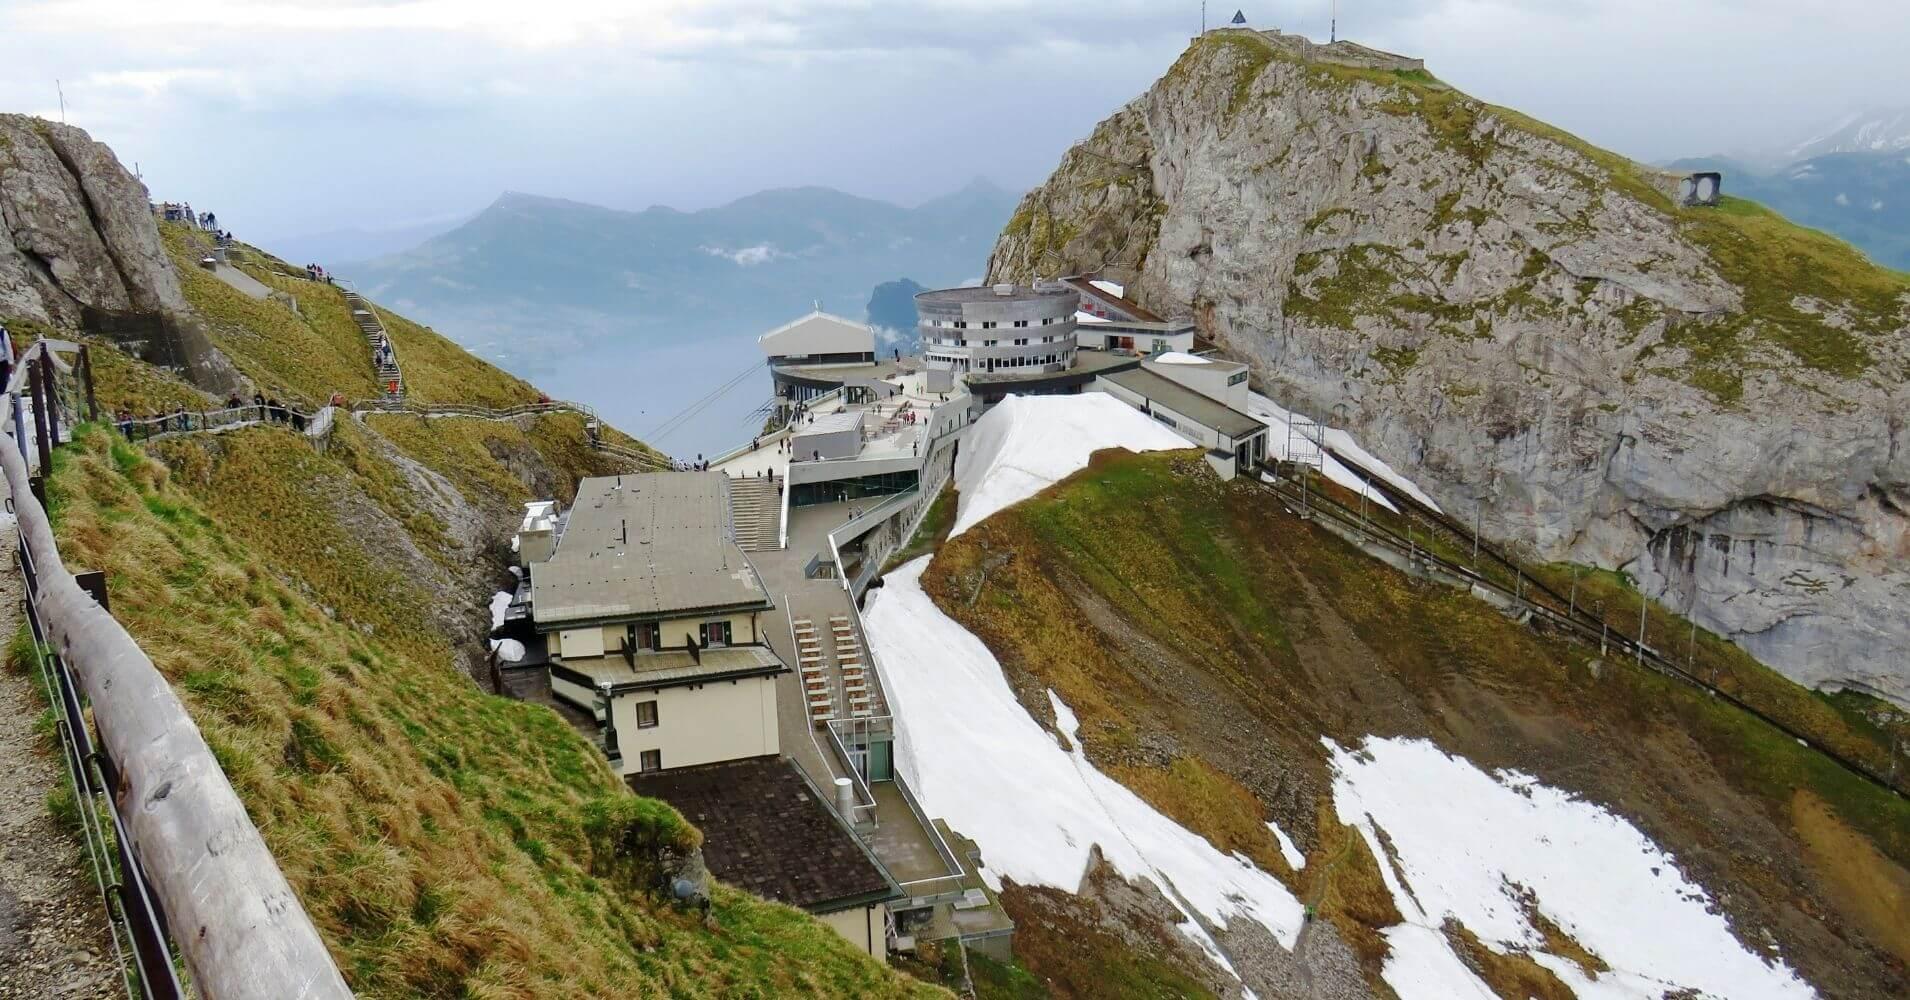 Subida a la Cumbre. Lucerna, Suiza.